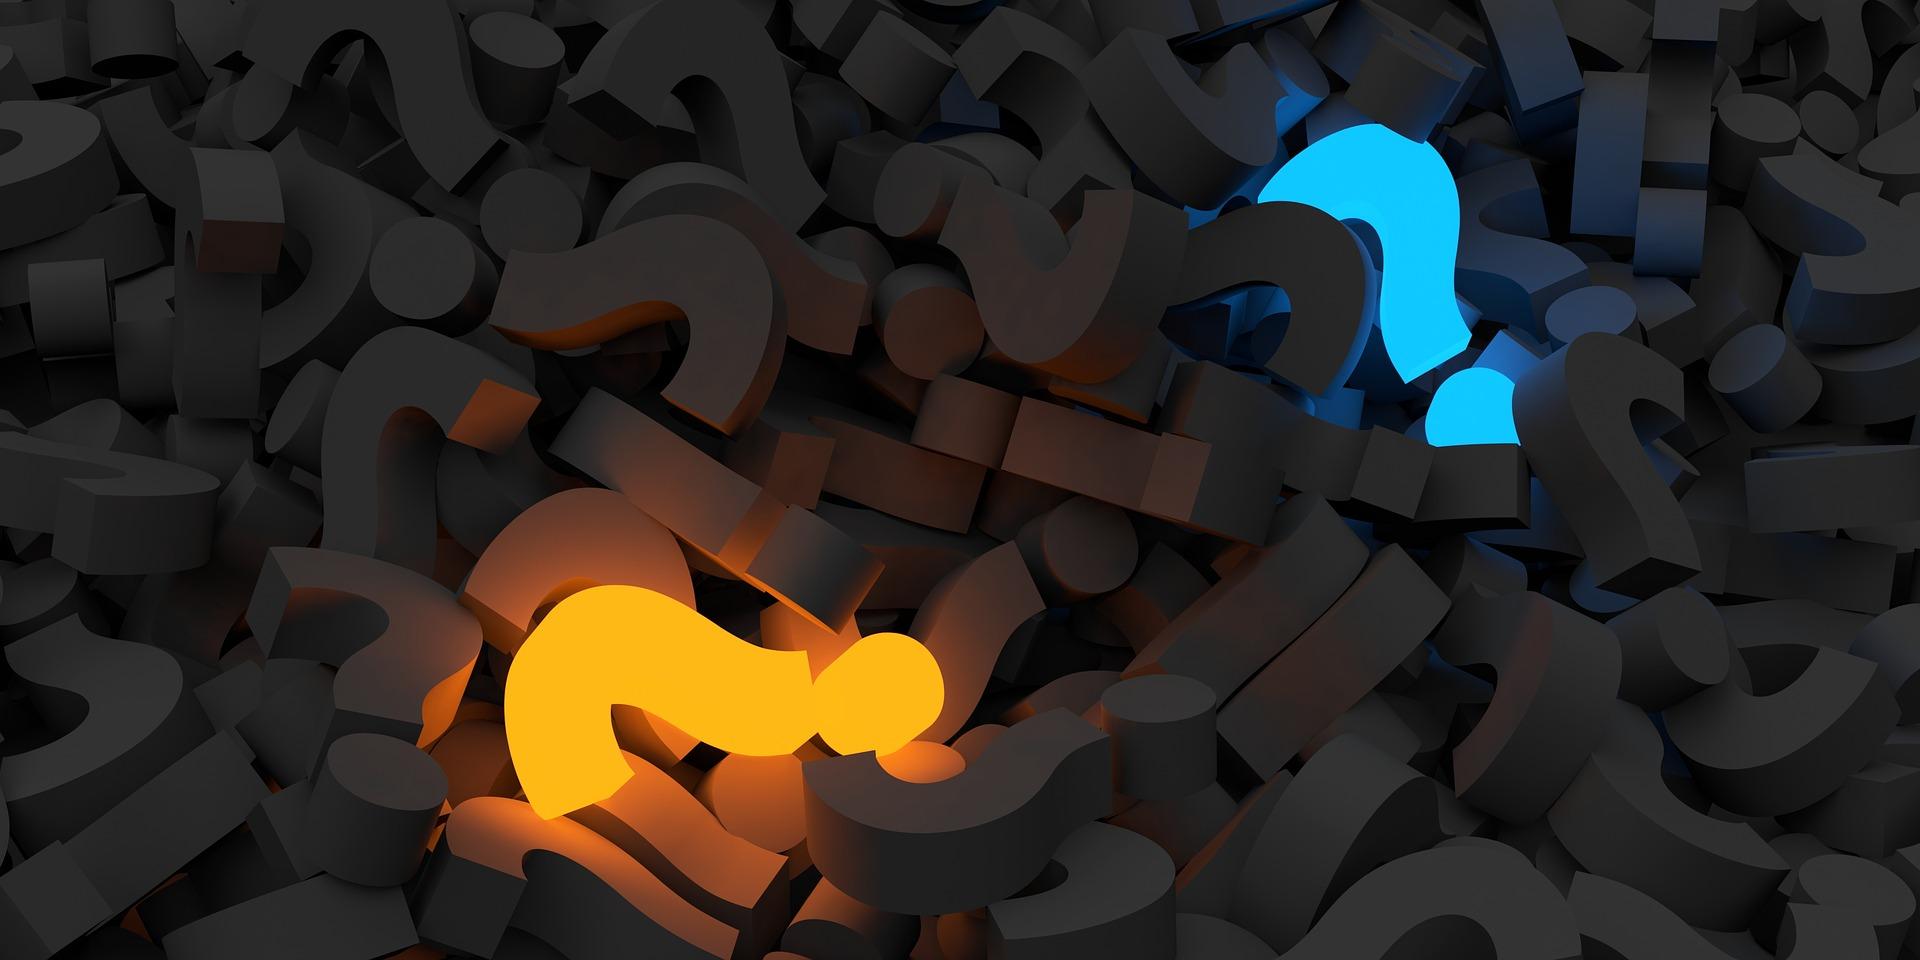 Le differenze tra Realtà Aumentata, Virtuale e Mista